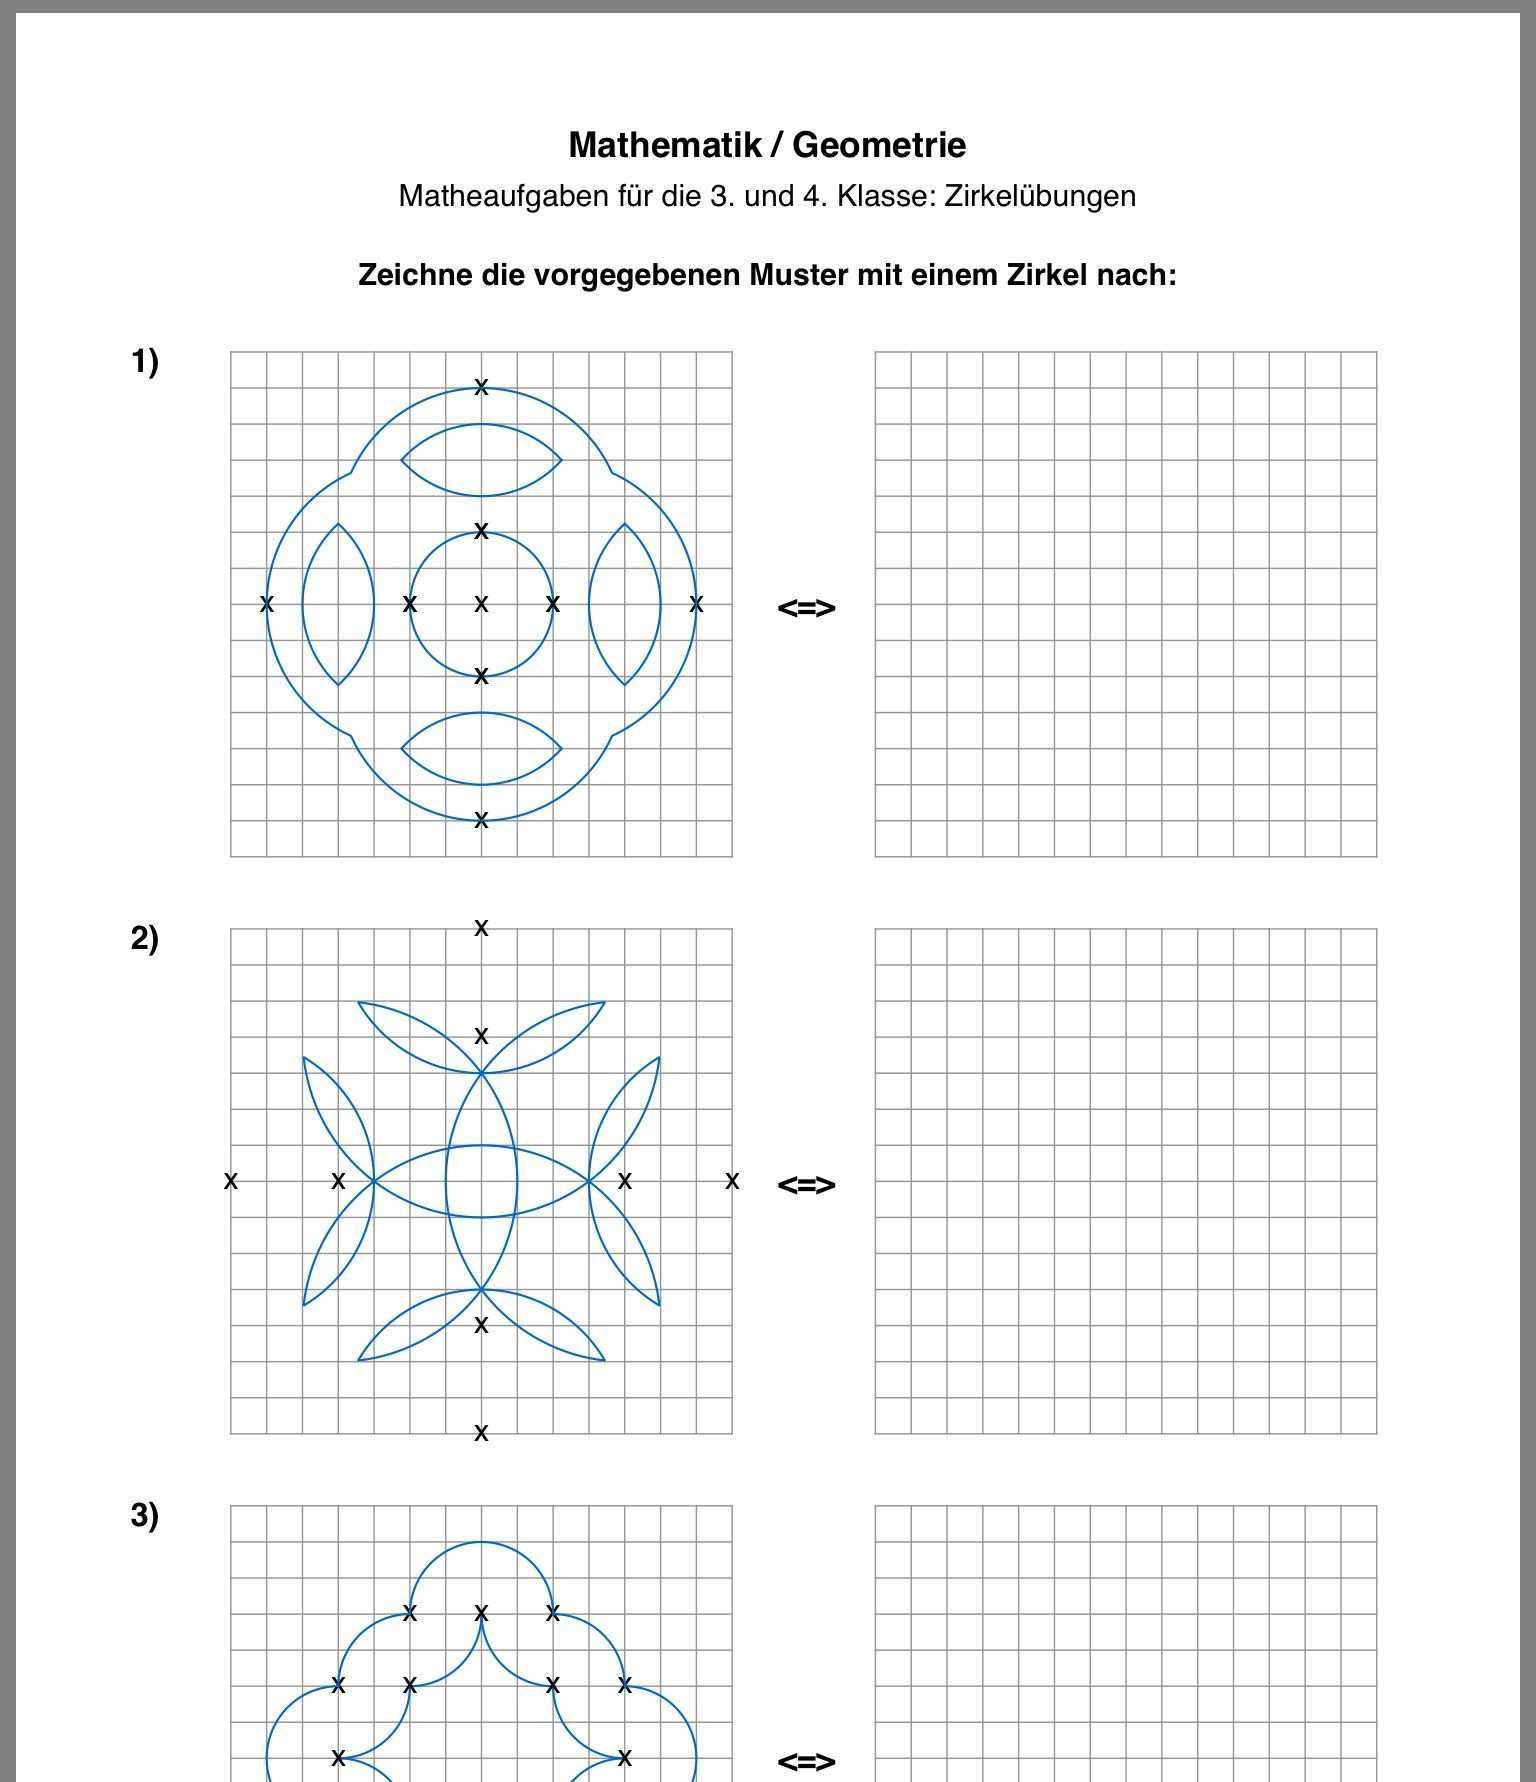 Pin Von Kerstin Scharfenberg Auf Schule Und Lernen Geometrie Zirkel Mathematik